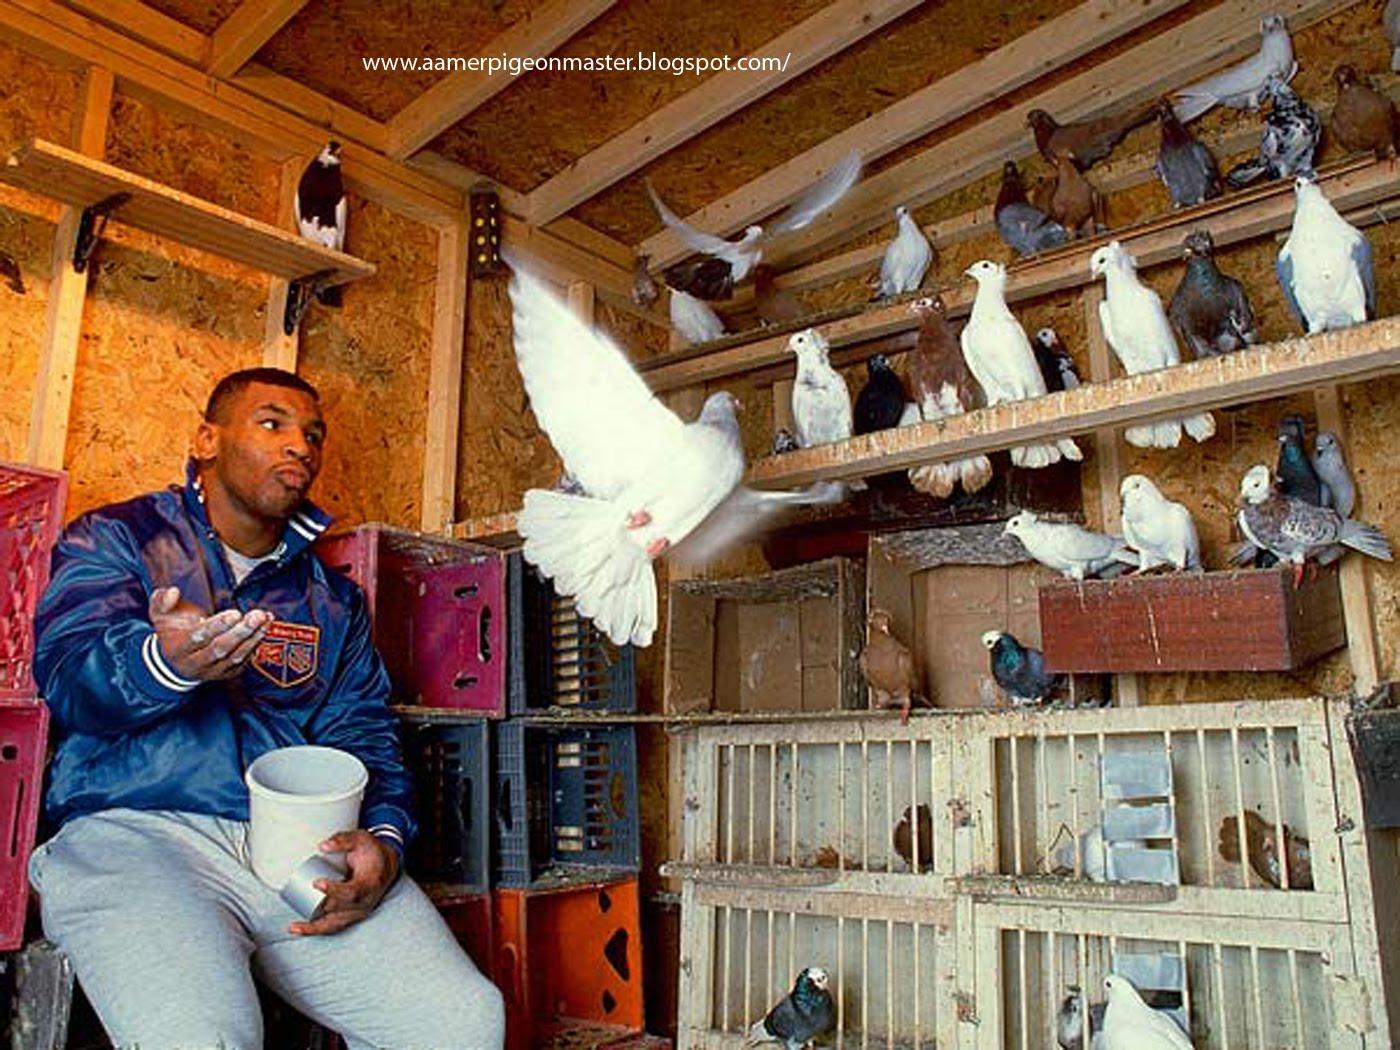 http://2.bp.blogspot.com/-VR8E6QTGnbc/TbVjBQ-VIVI/AAAAAAAAAG4/ALsk95QoG-Y/s1600/mike-tyson-pigeons.jpg